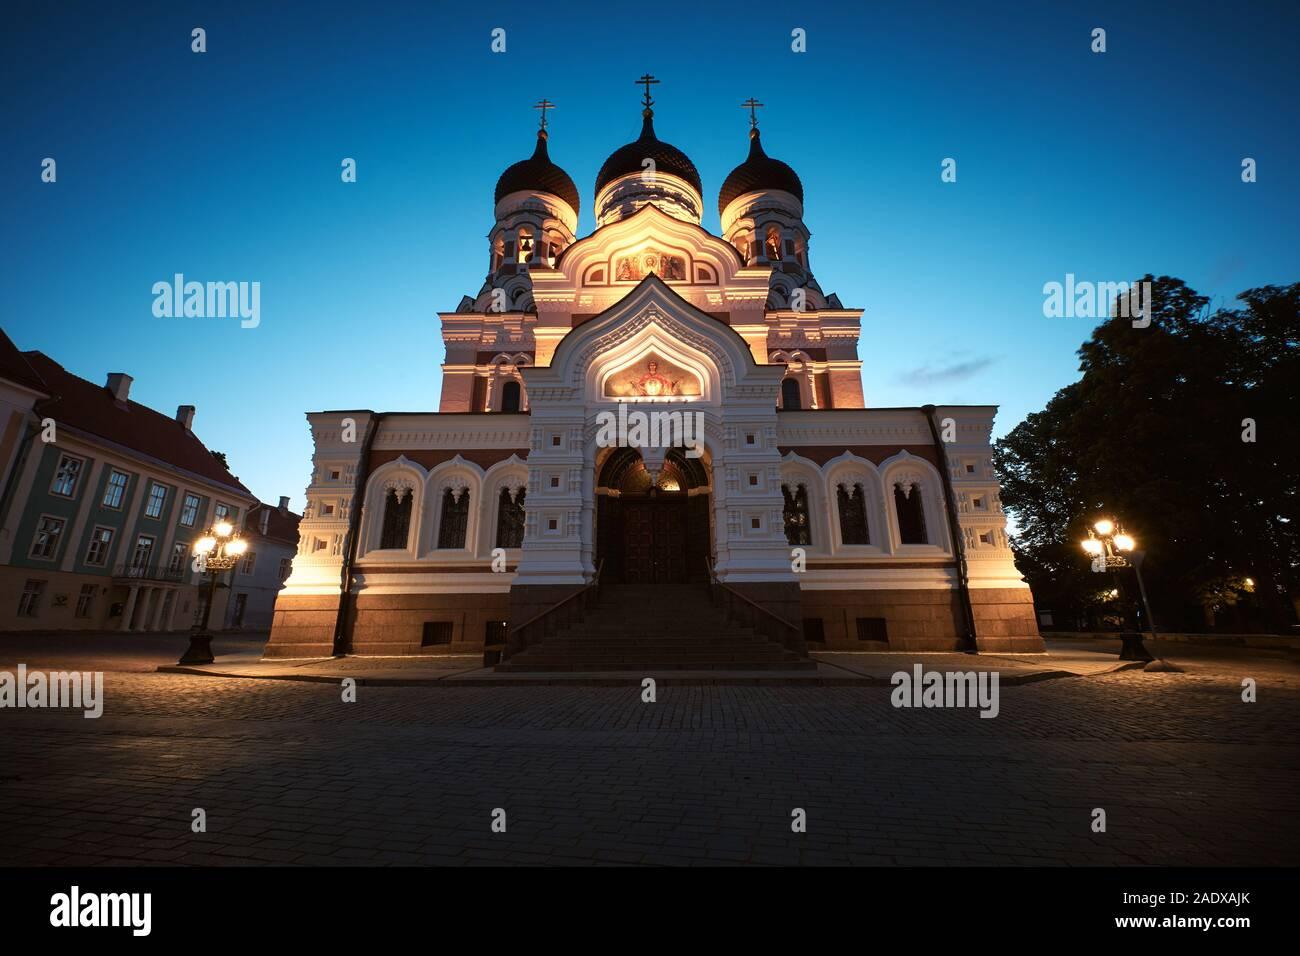 La cathédrale Alexandre Nevski, l'Église orthodoxe russe situé dans la vieille ville de Tallinn, Estonie Banque D'Images